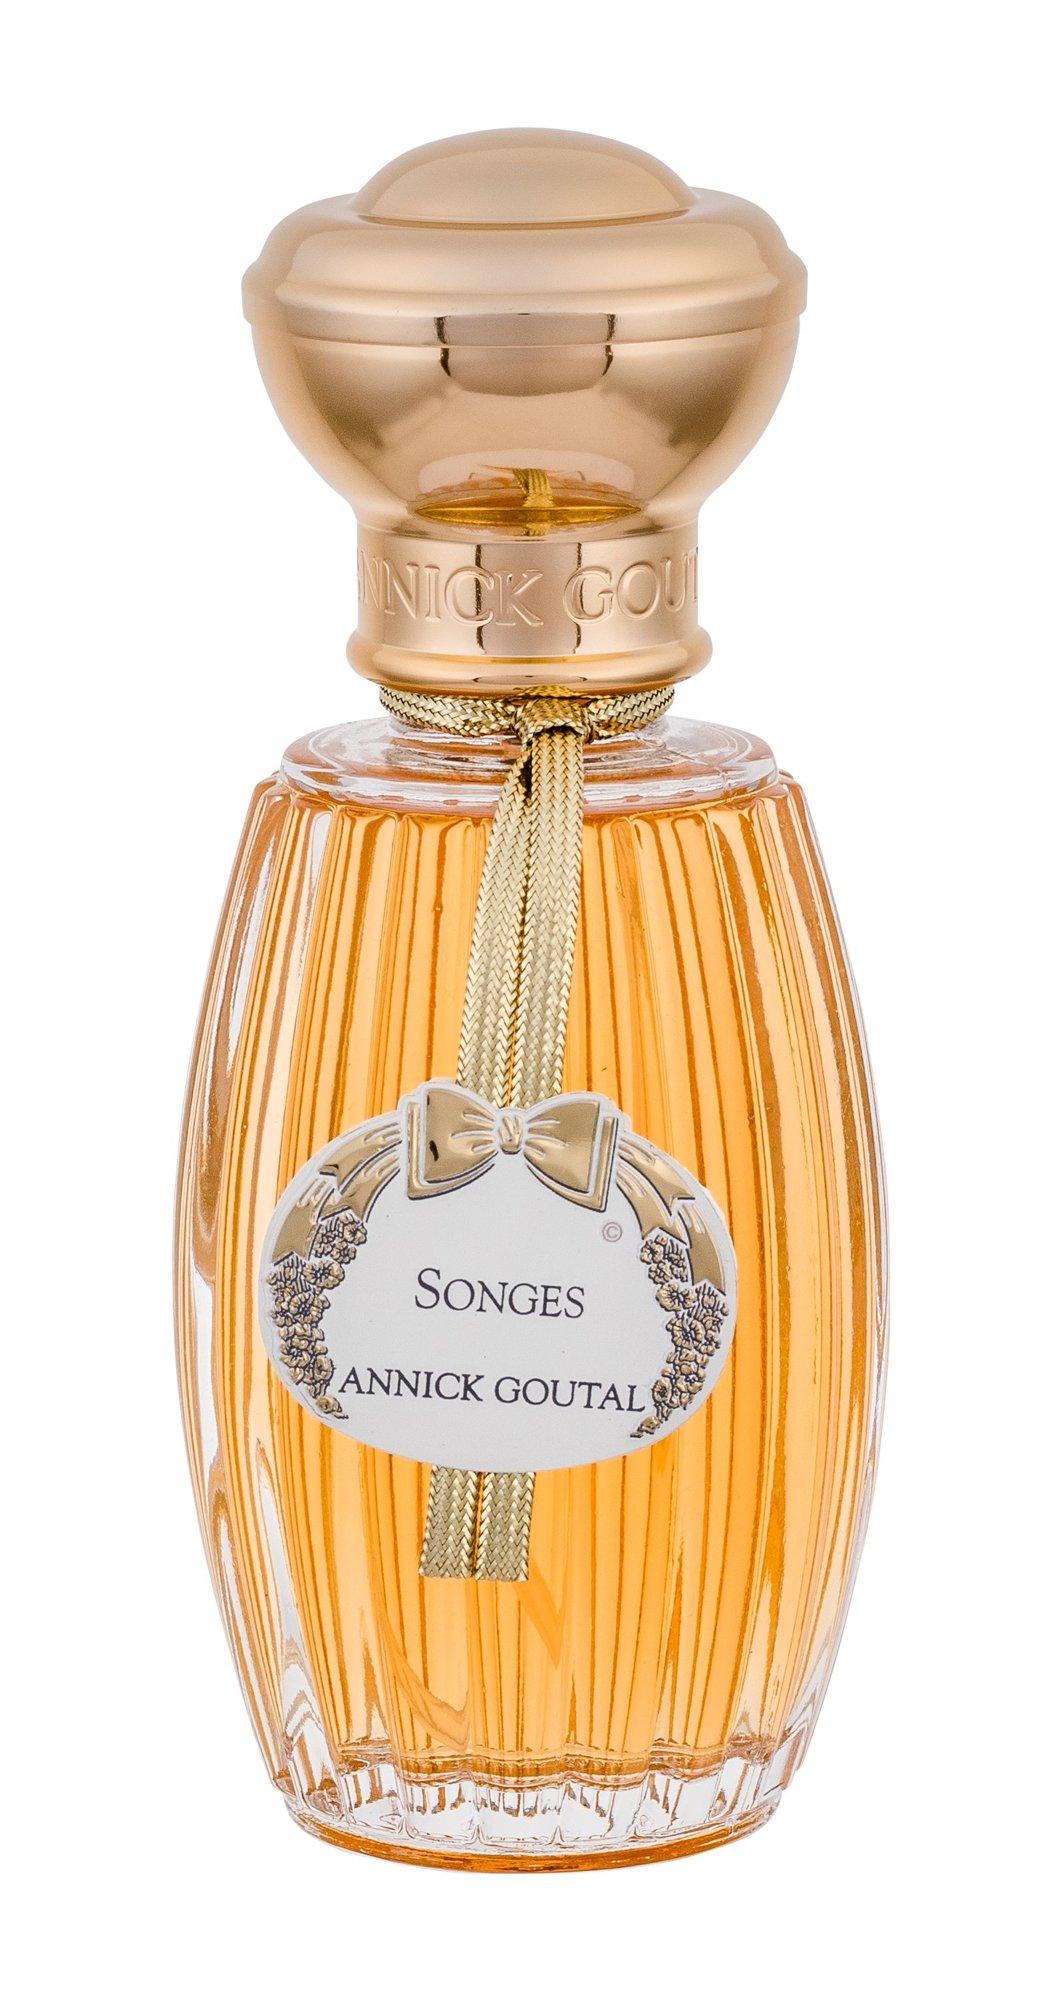 Annick Goutal Songes Eau de Parfum 100ml